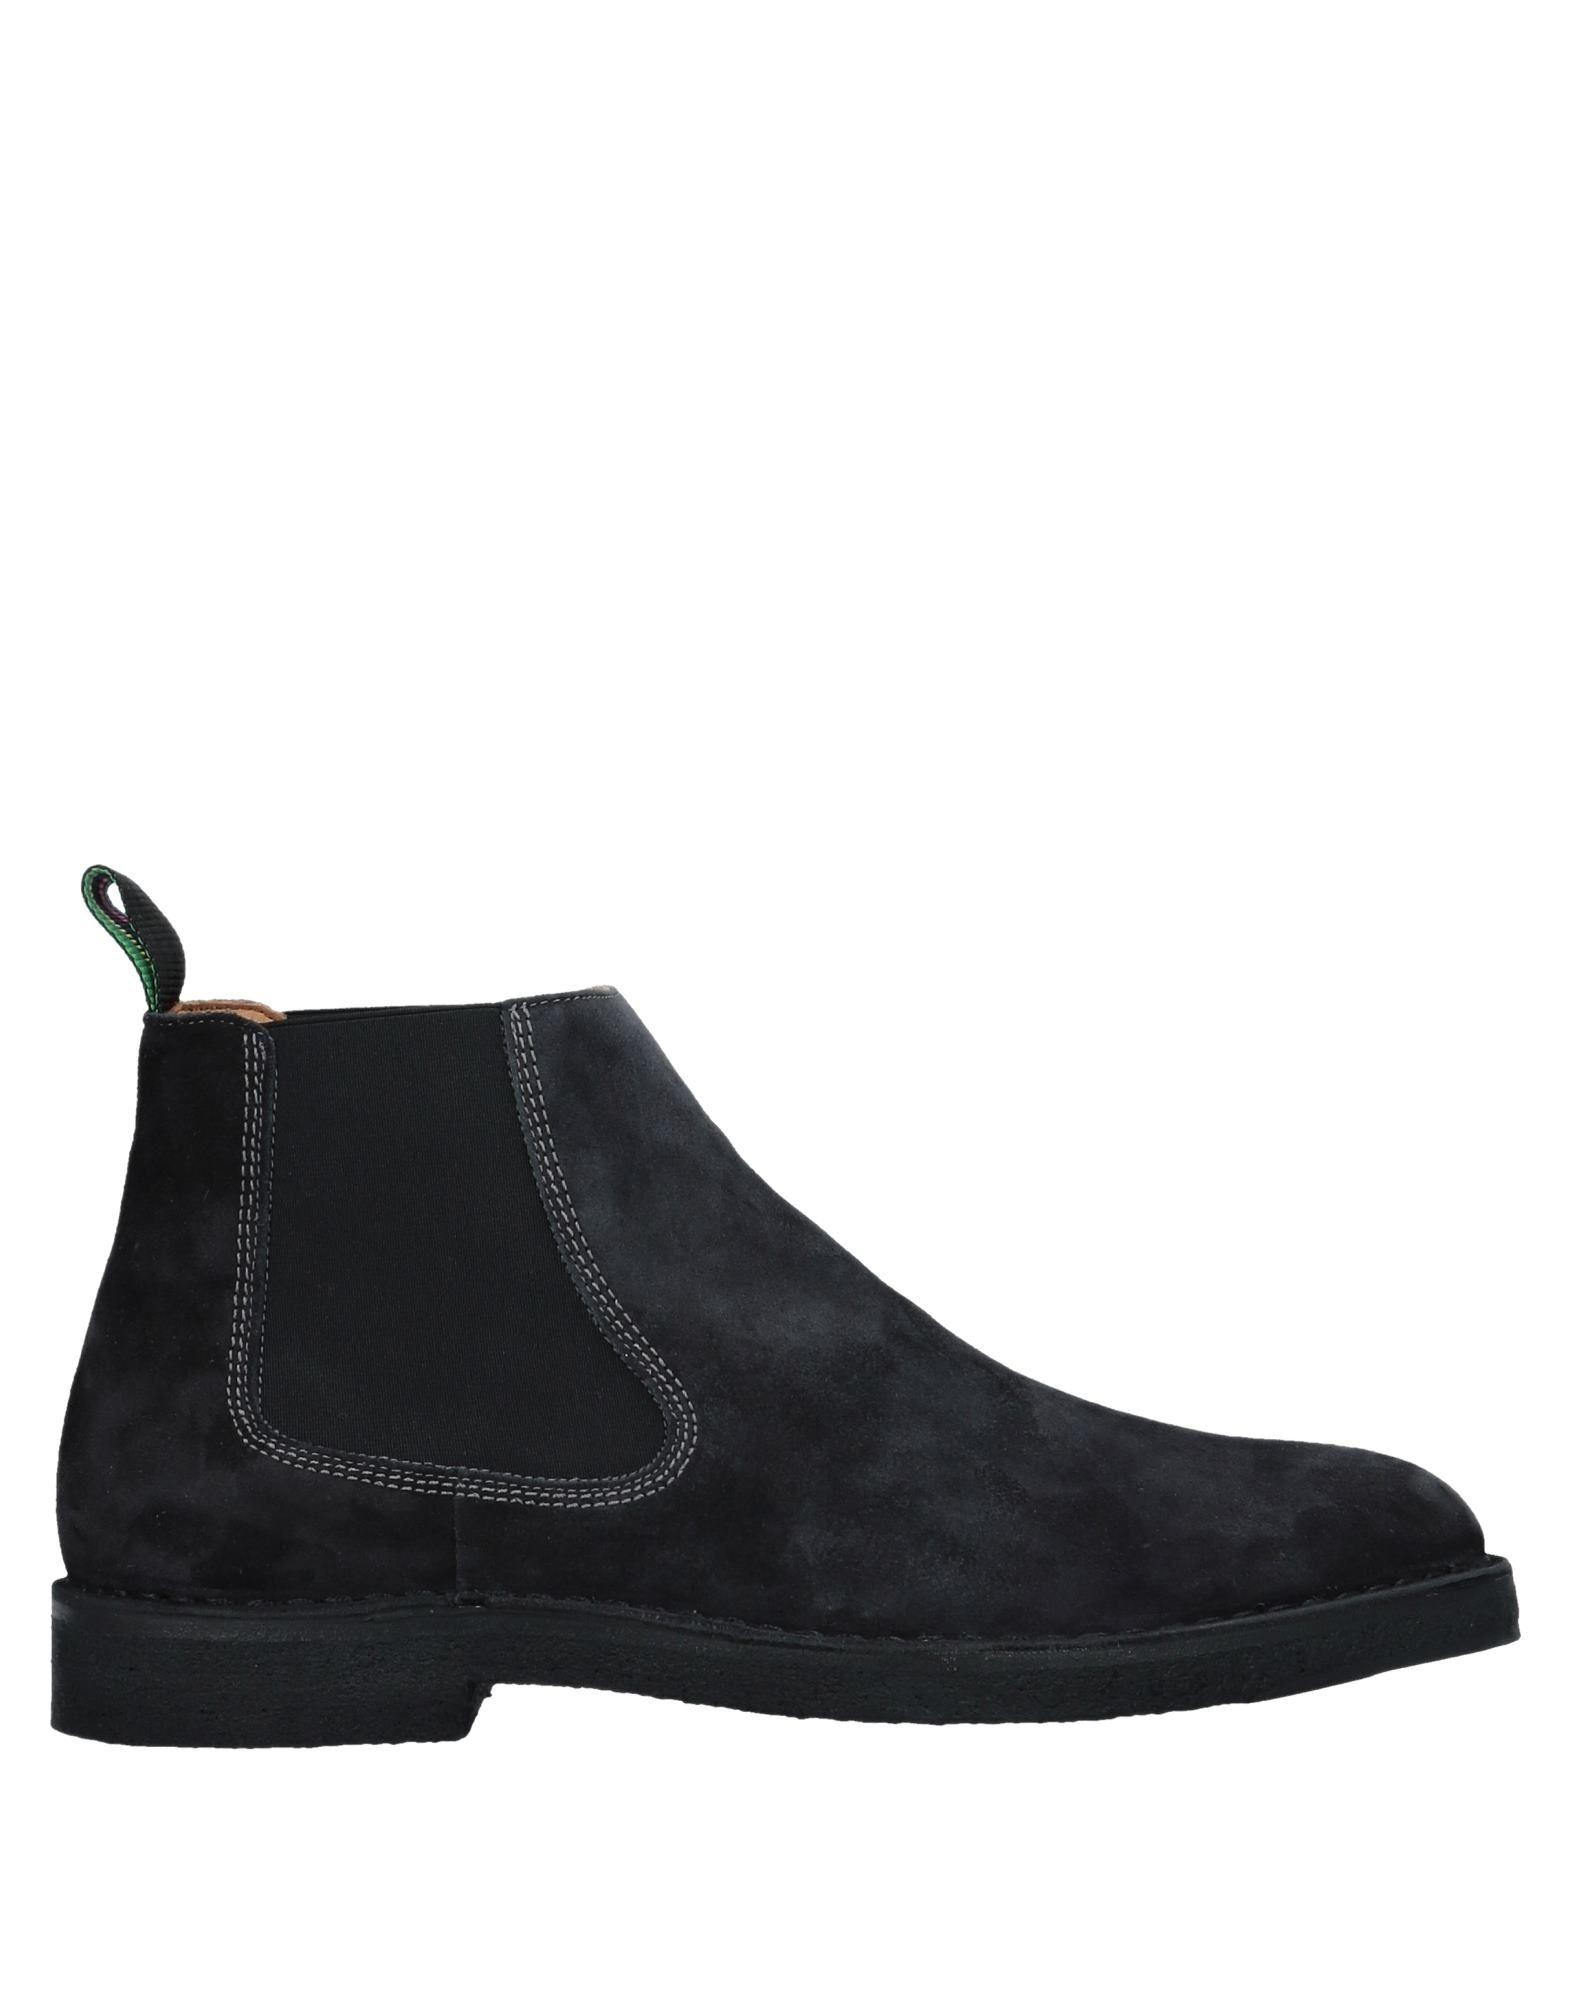 Ps By Paul Smith Stiefelette Herren  11538167HM Gute Qualität beliebte Schuhe